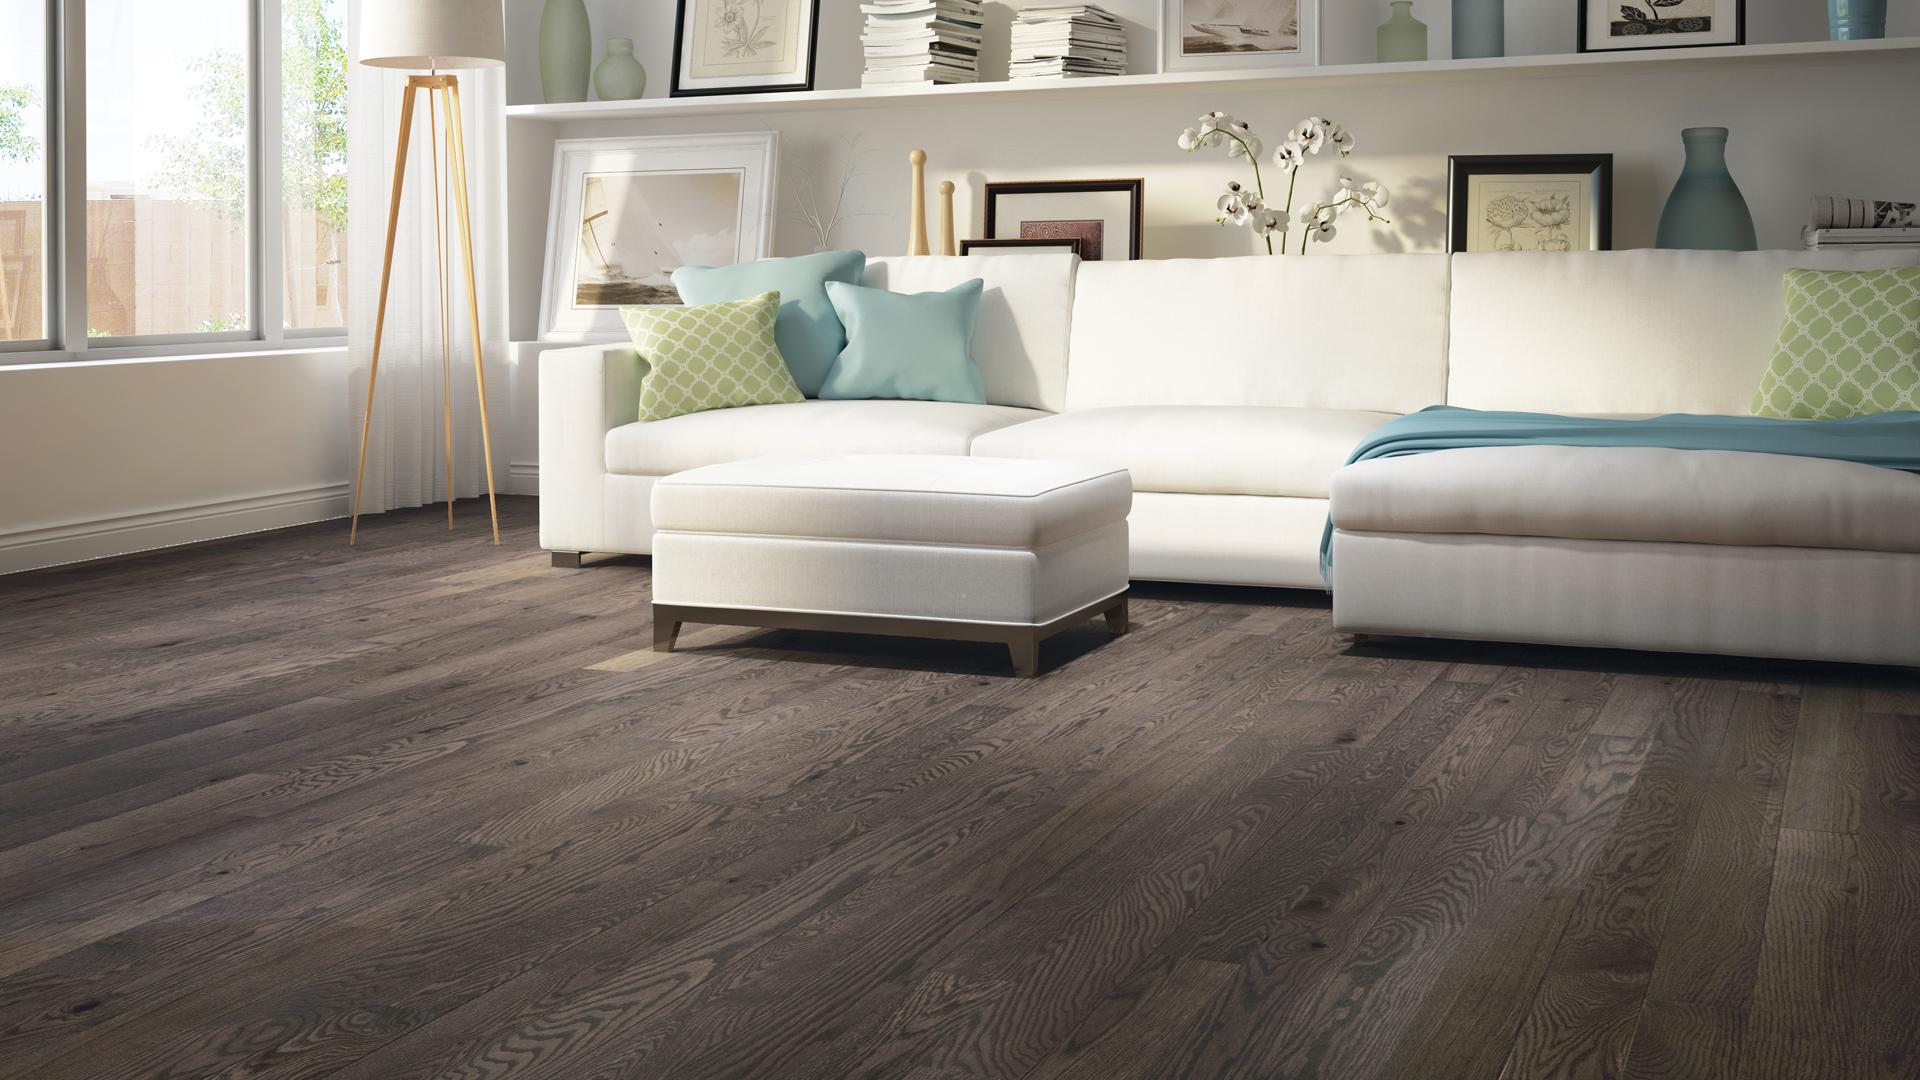 Red oak montpellier | Dubeau hardwood floors | Living room decor